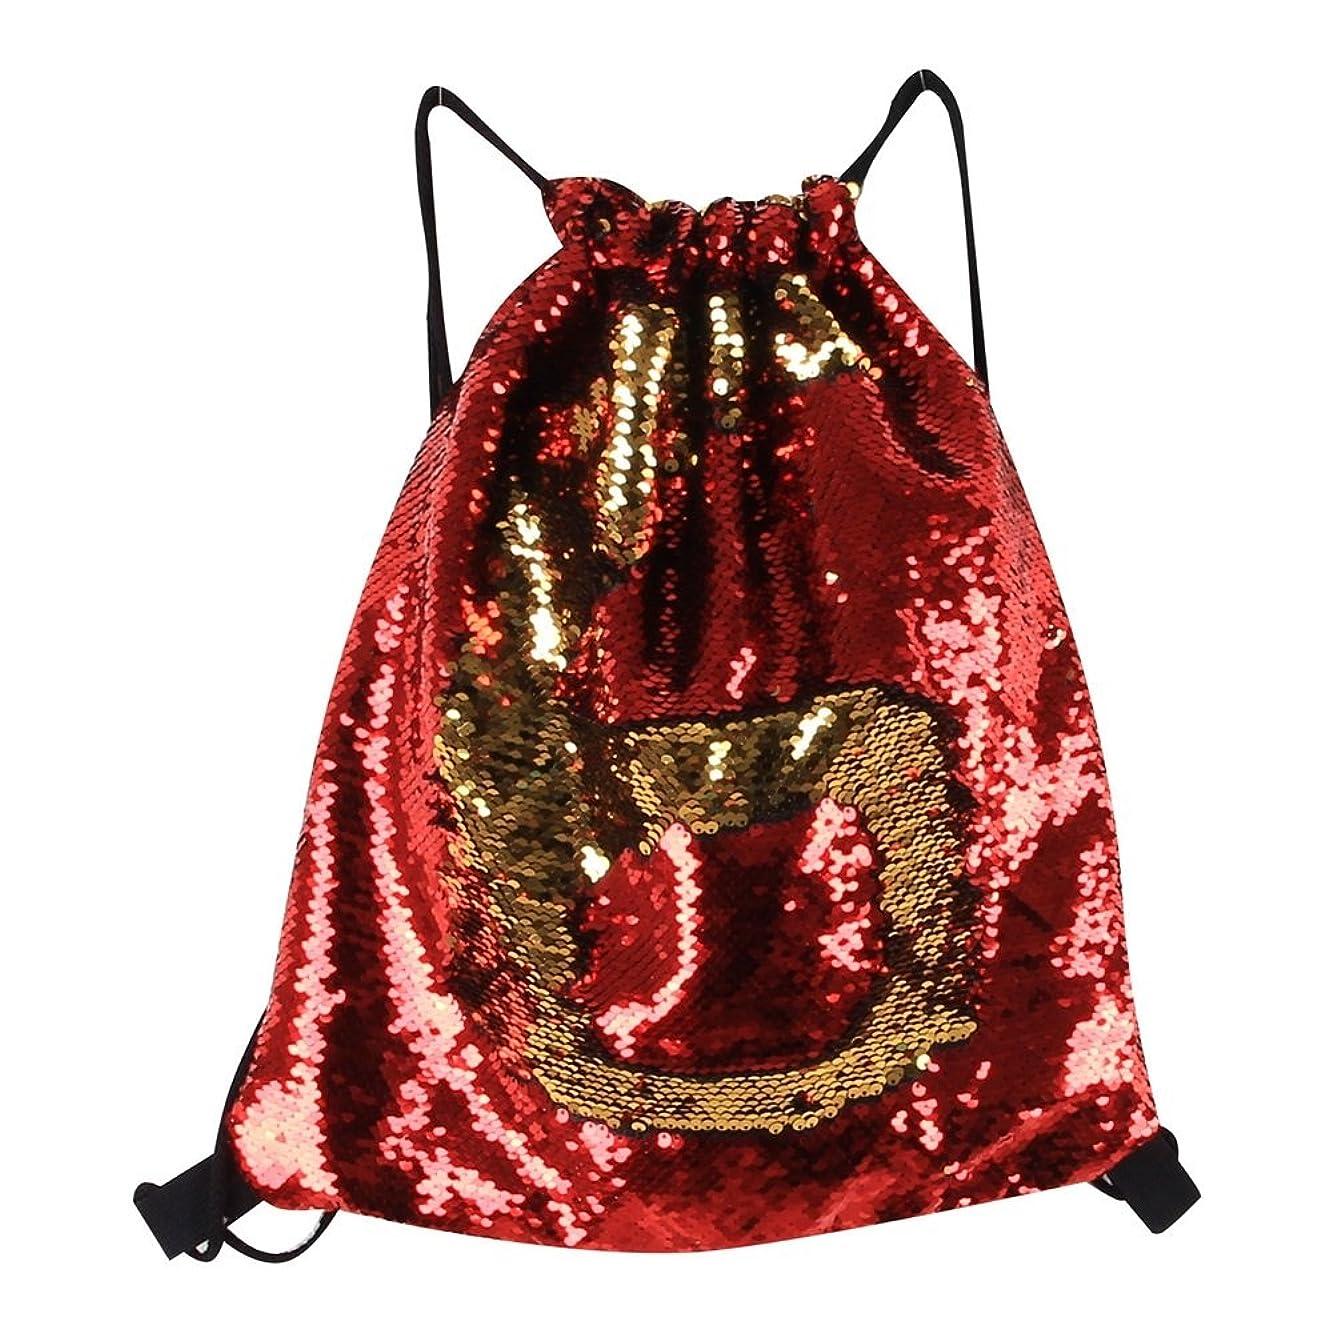 子音移民過ちYIJUPIN マーメイドスパンコールドローストリングバッグバックパック、ダンスバッグファッションダンスバッグビーチハイキングショルダーバッグ (色 : レッド)